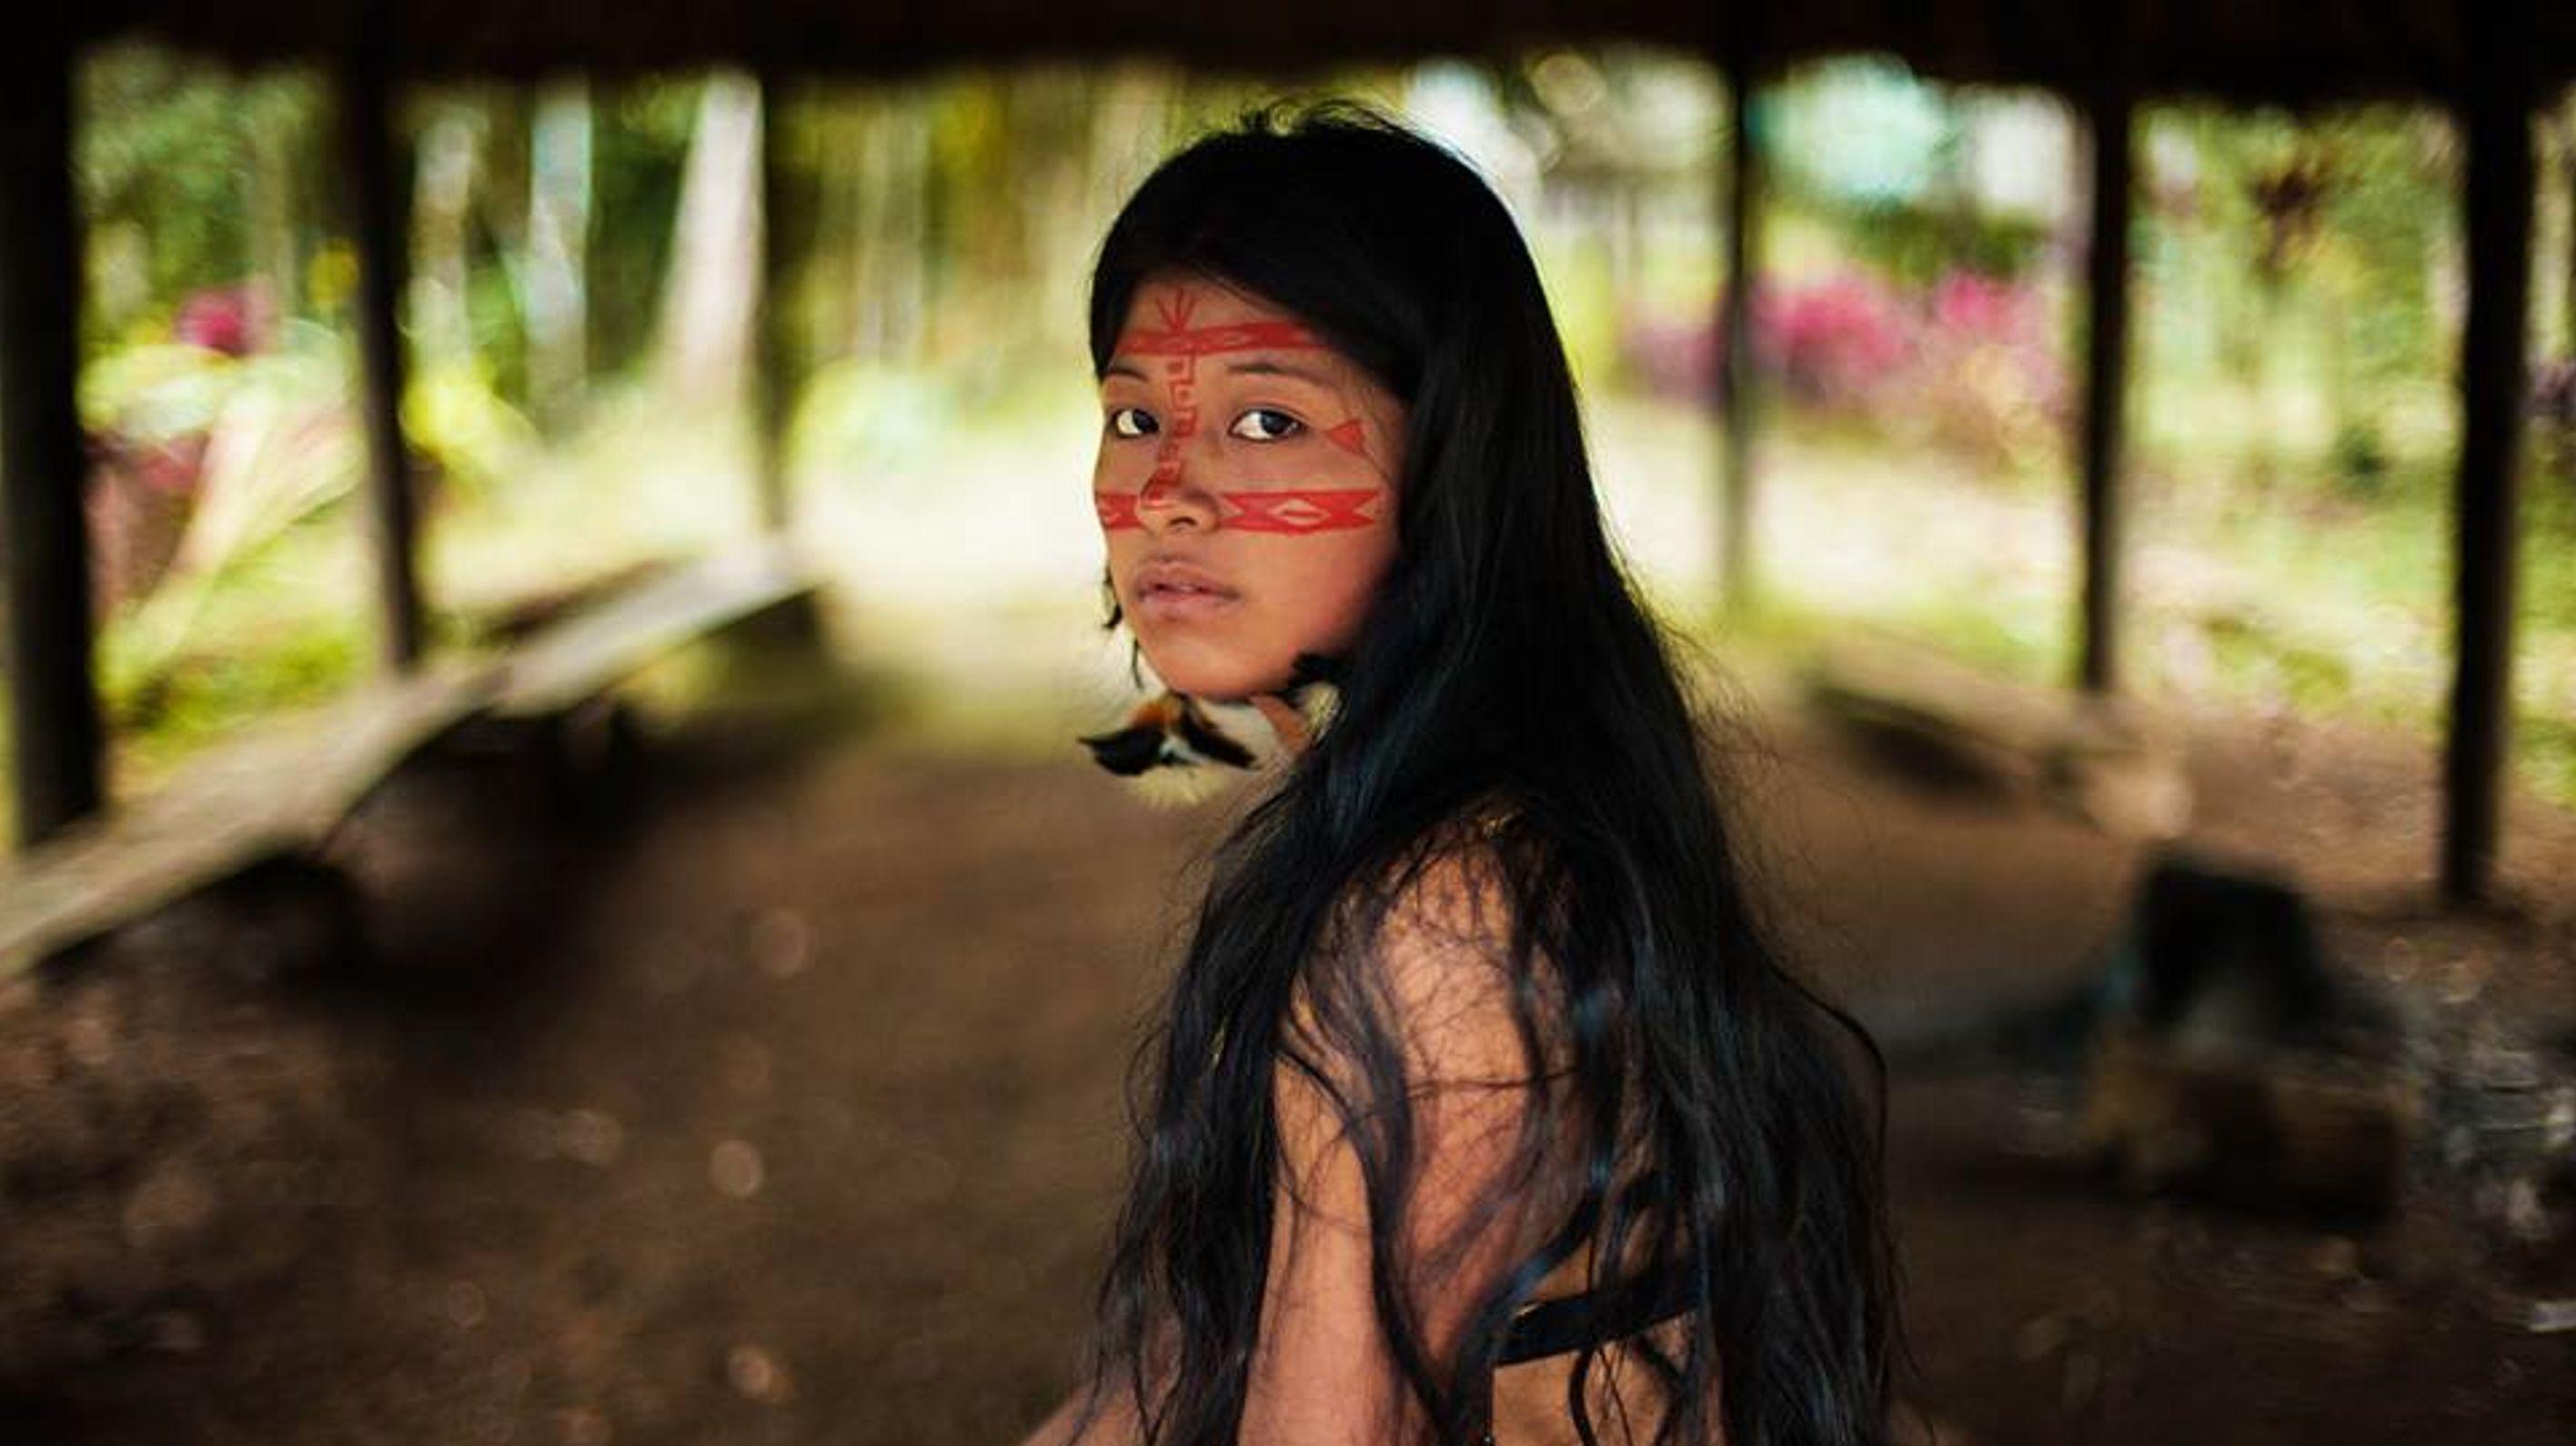 Un photographe présente la beauté naturelle des femmes en